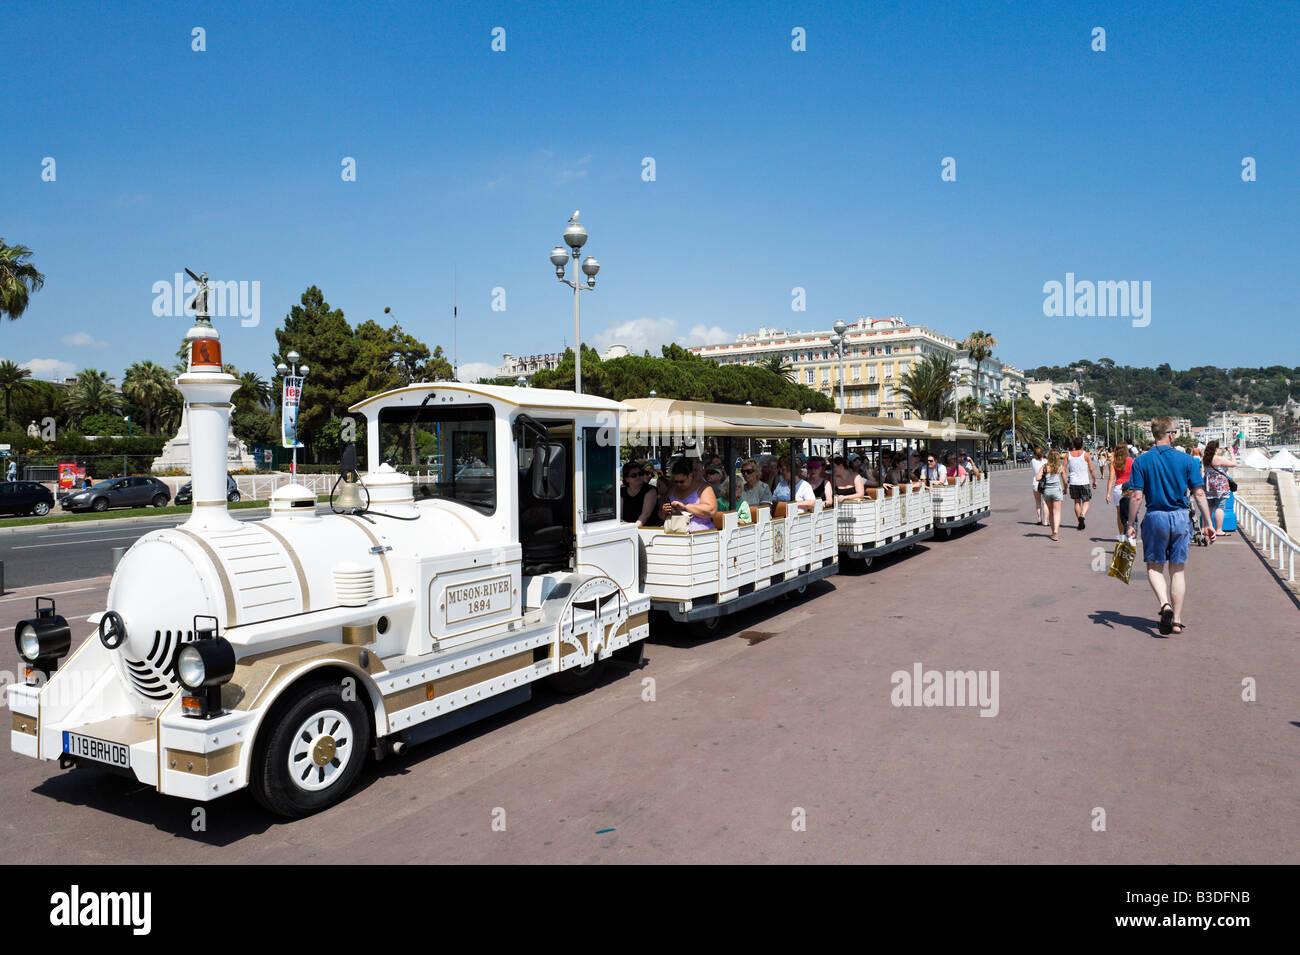 Tour treno sulla Promenade des Anglais, Nice Cote d'Azur, Costa Azzurra, Francia Immagini Stock